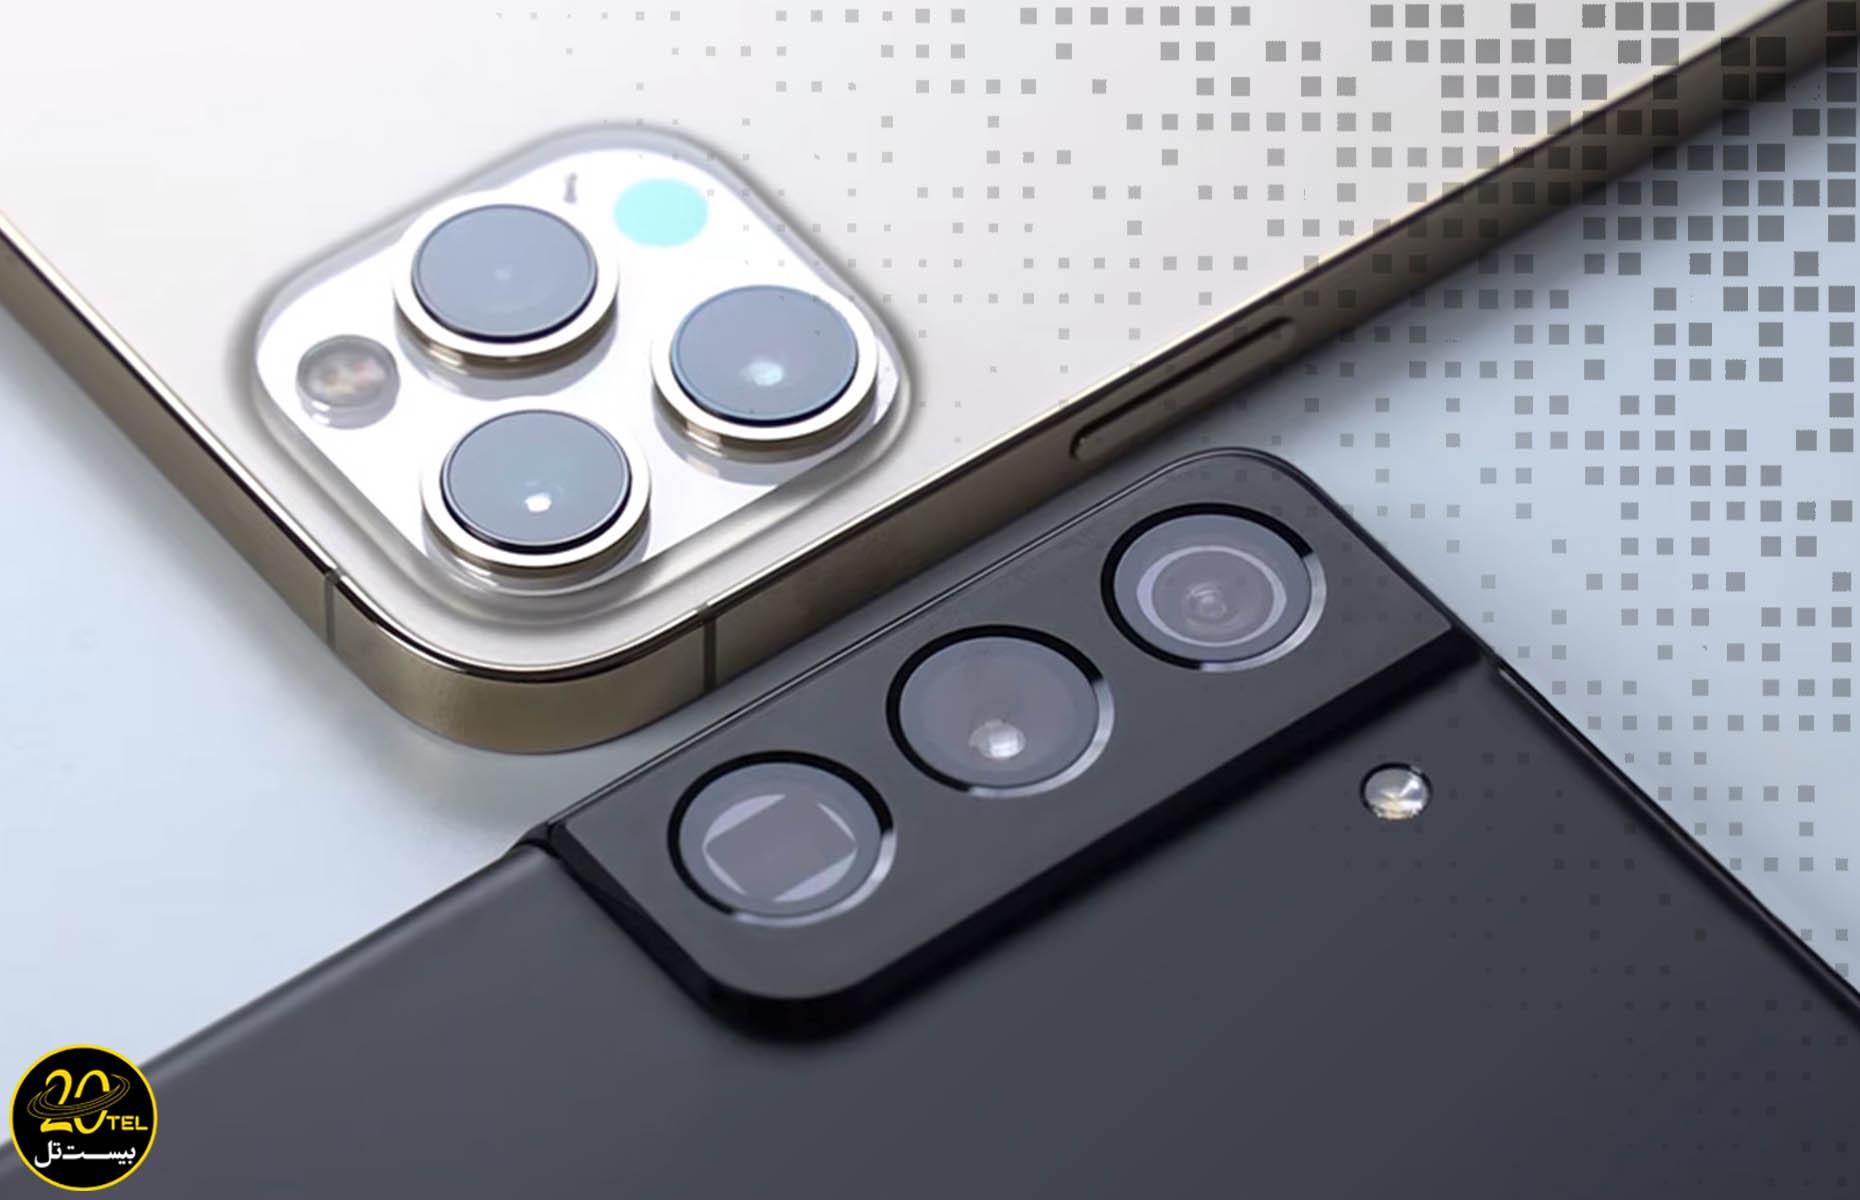 جدال میان گلکسی S21 و گوشی آیفون 12، سامسونگ چطور می تواند رقیب را از میان بردارد